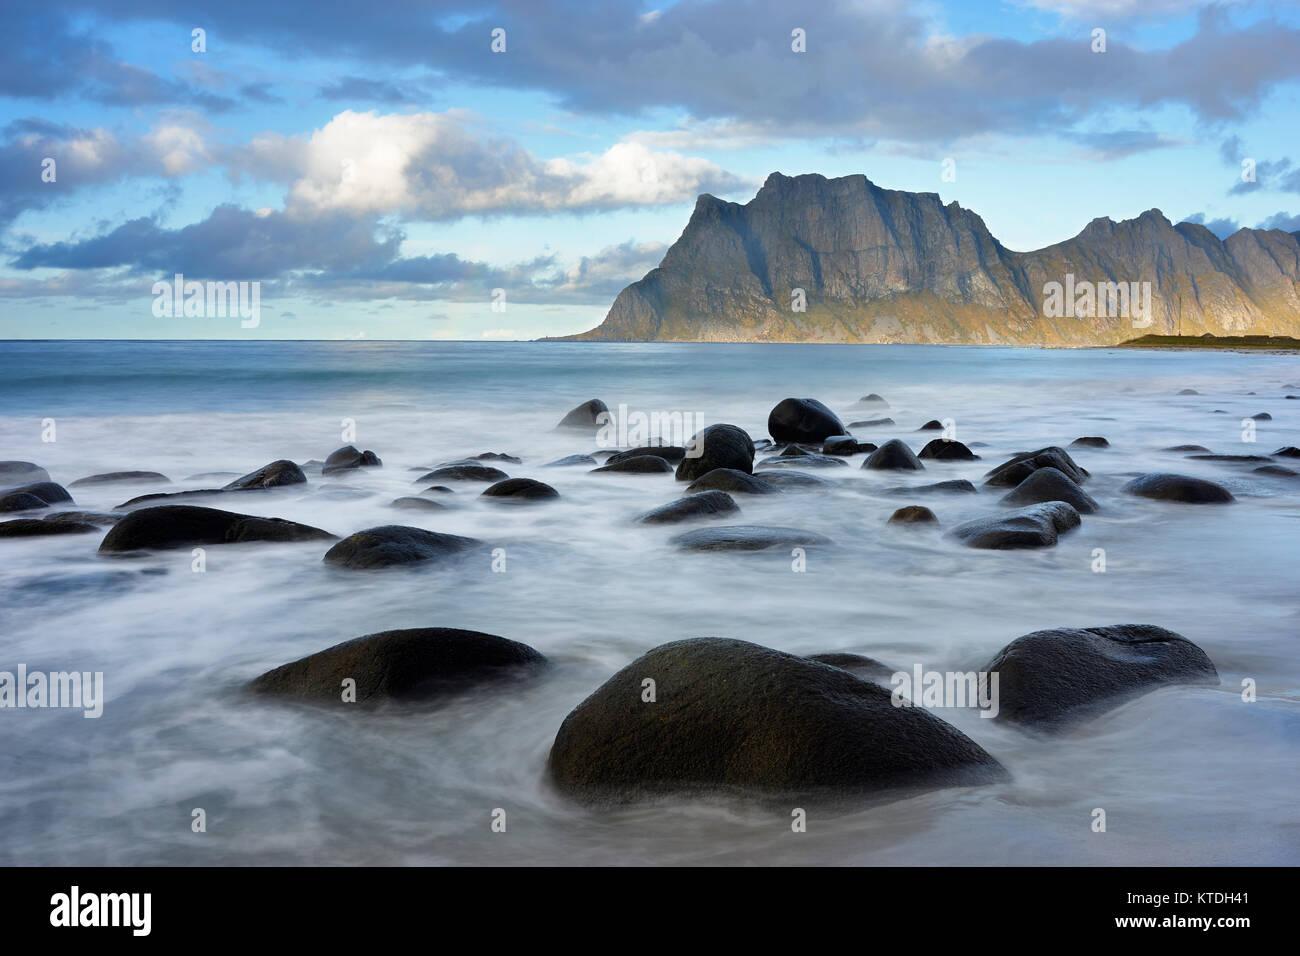 Utakleiv beach, Vestvagoy, Lofoten, Nordland, Norway - Stock Image